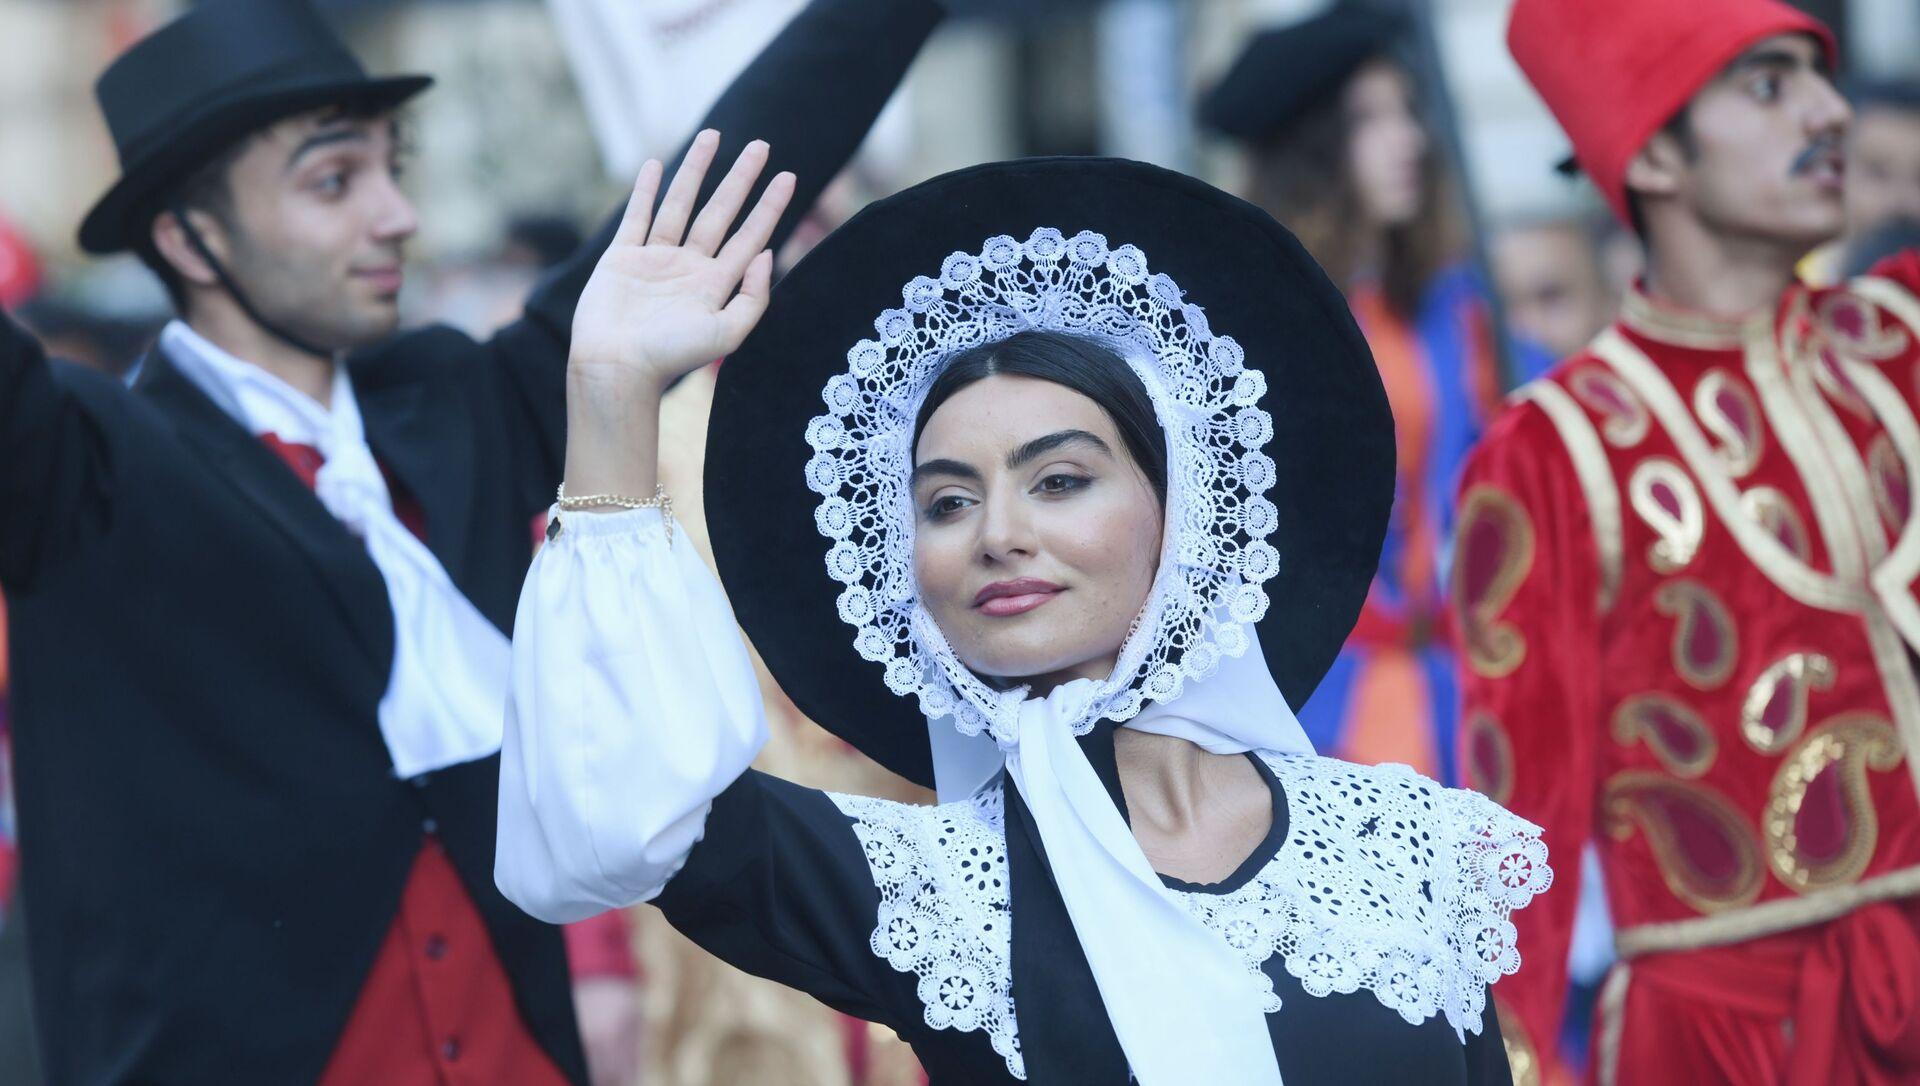 Bakıda keçiriləcək futbol üzrə Avropa çempionatının oyunlarına həsr olunmuş karnaval yürüşünün iştirakçıları. - Sputnik Азербайджан, 1920, 09.06.2021